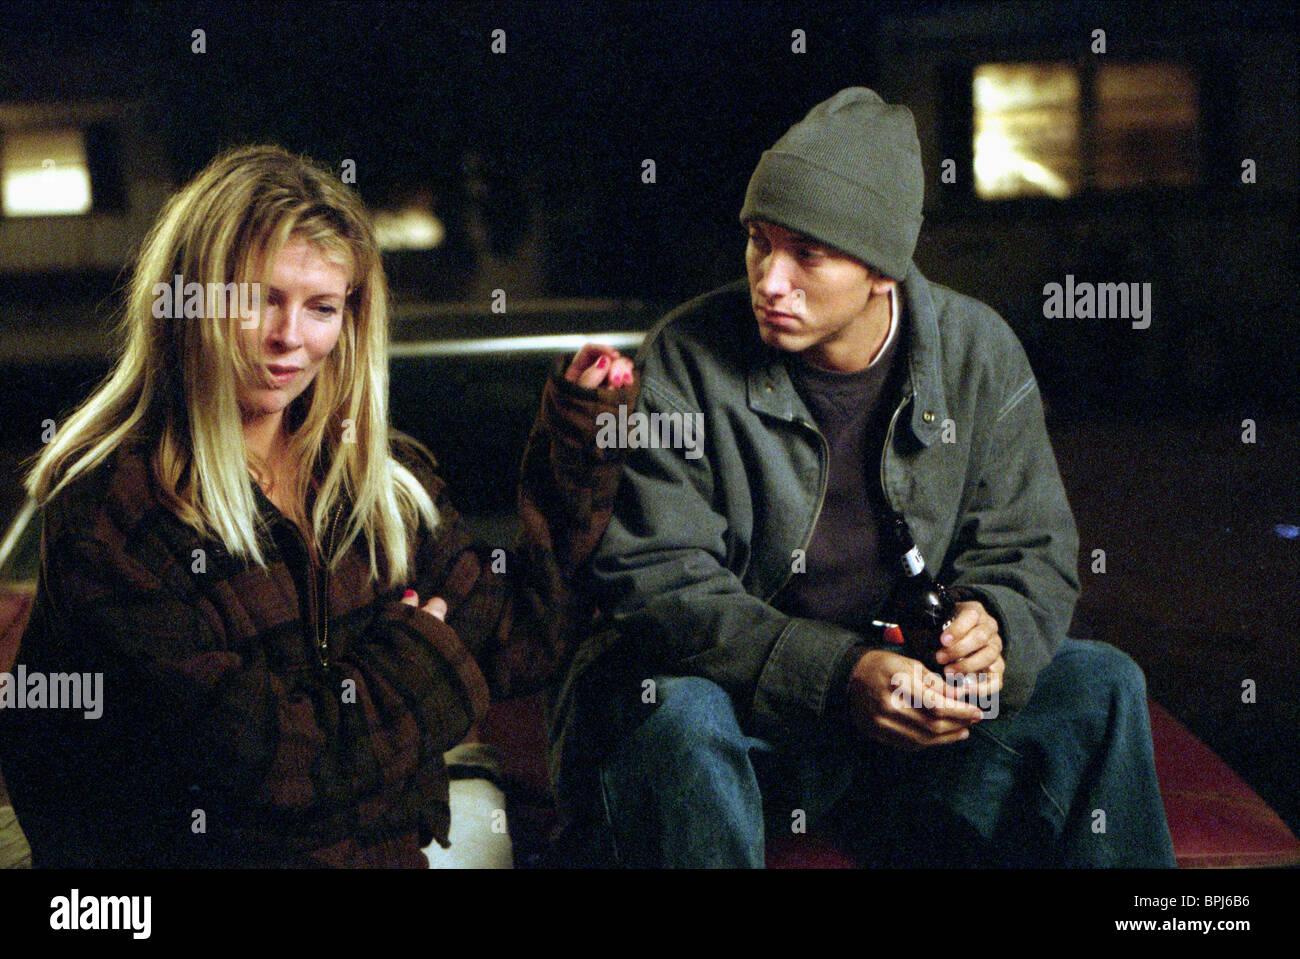 Kim Basinger Eminem 8 Mile 2002 Stock Photo Alamy